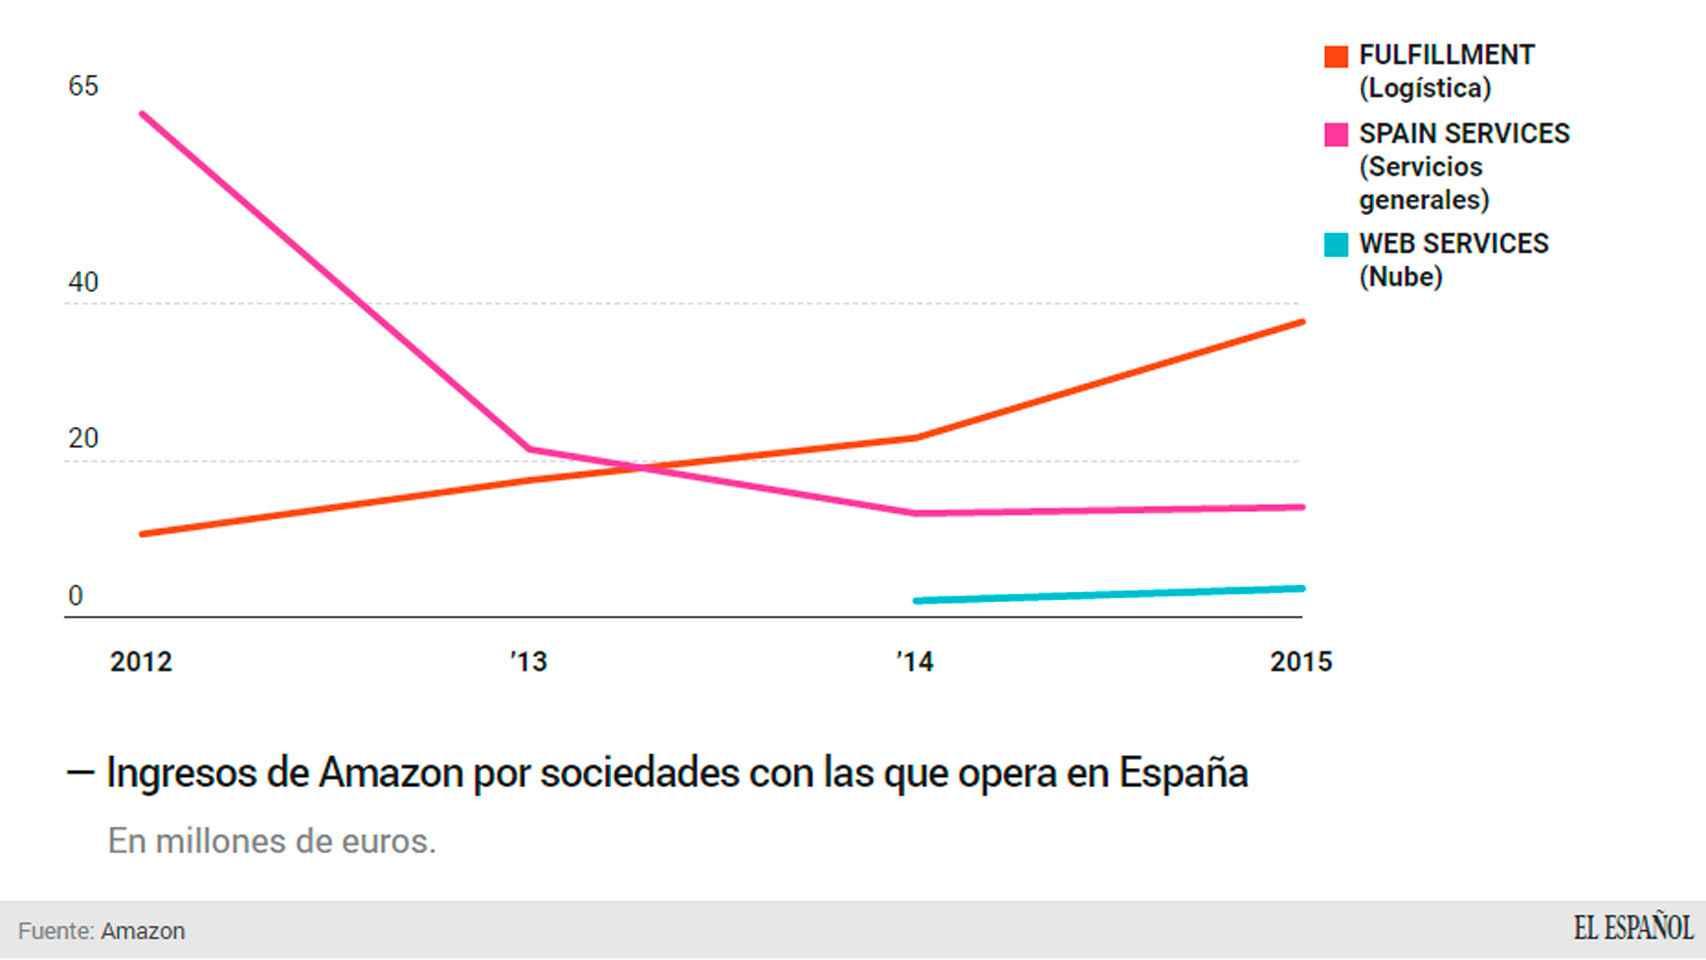 Evolución de los ingresos de Amazon en sus tres sociedades.